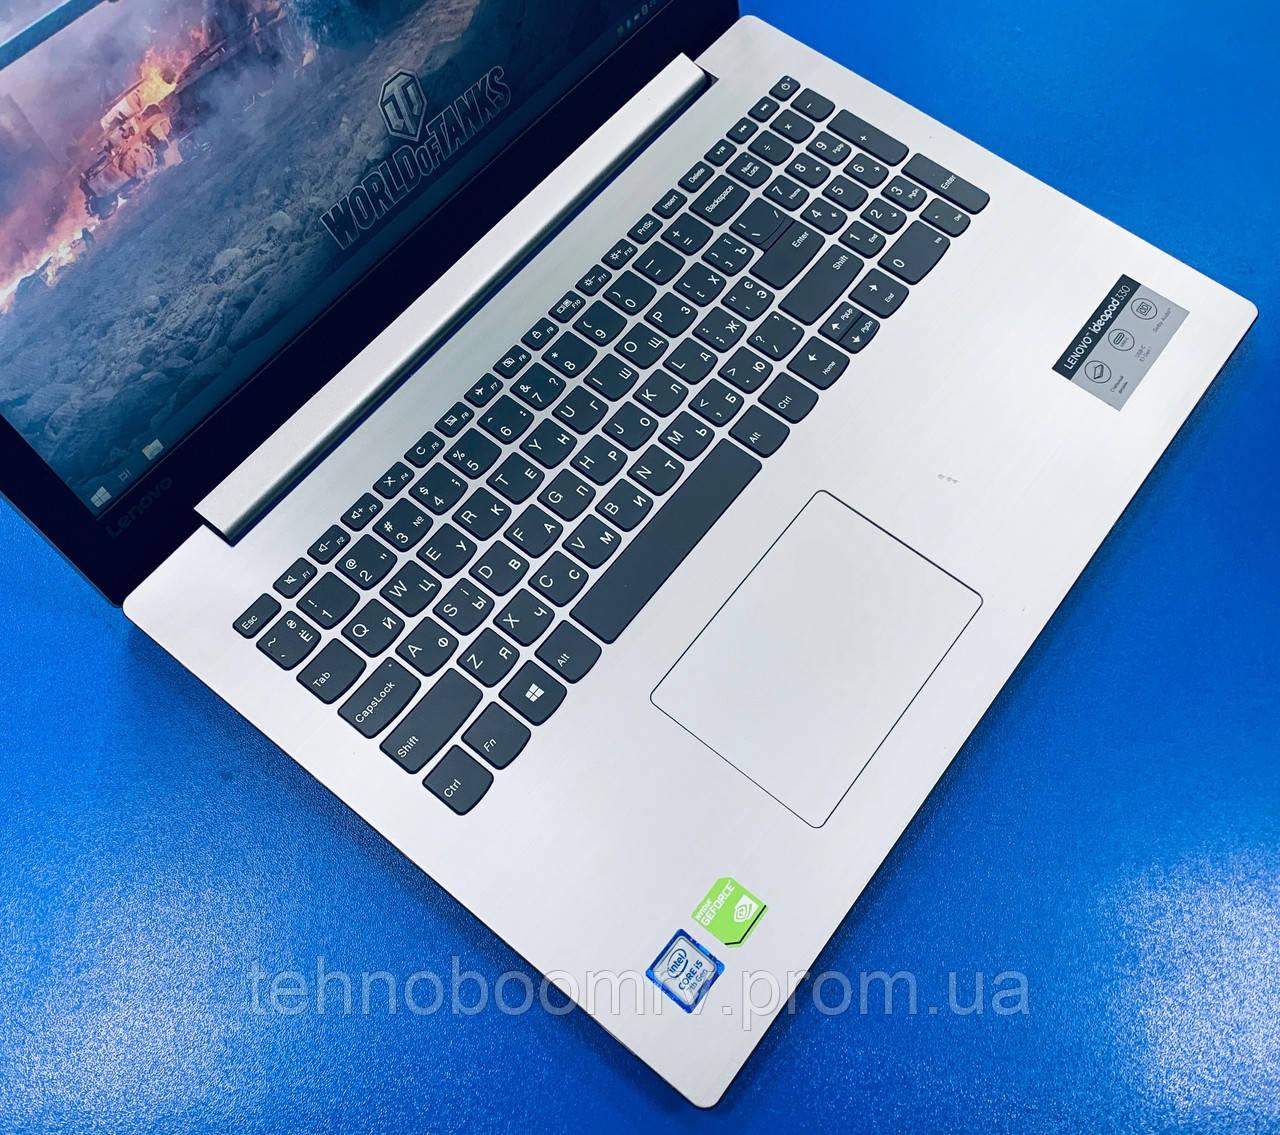 Игровой Lenovo/15.6 FHD/Intel i5-7200U 3.1GHz/DDR4 6GB/Карта MX130 2GBНет в наличии 2